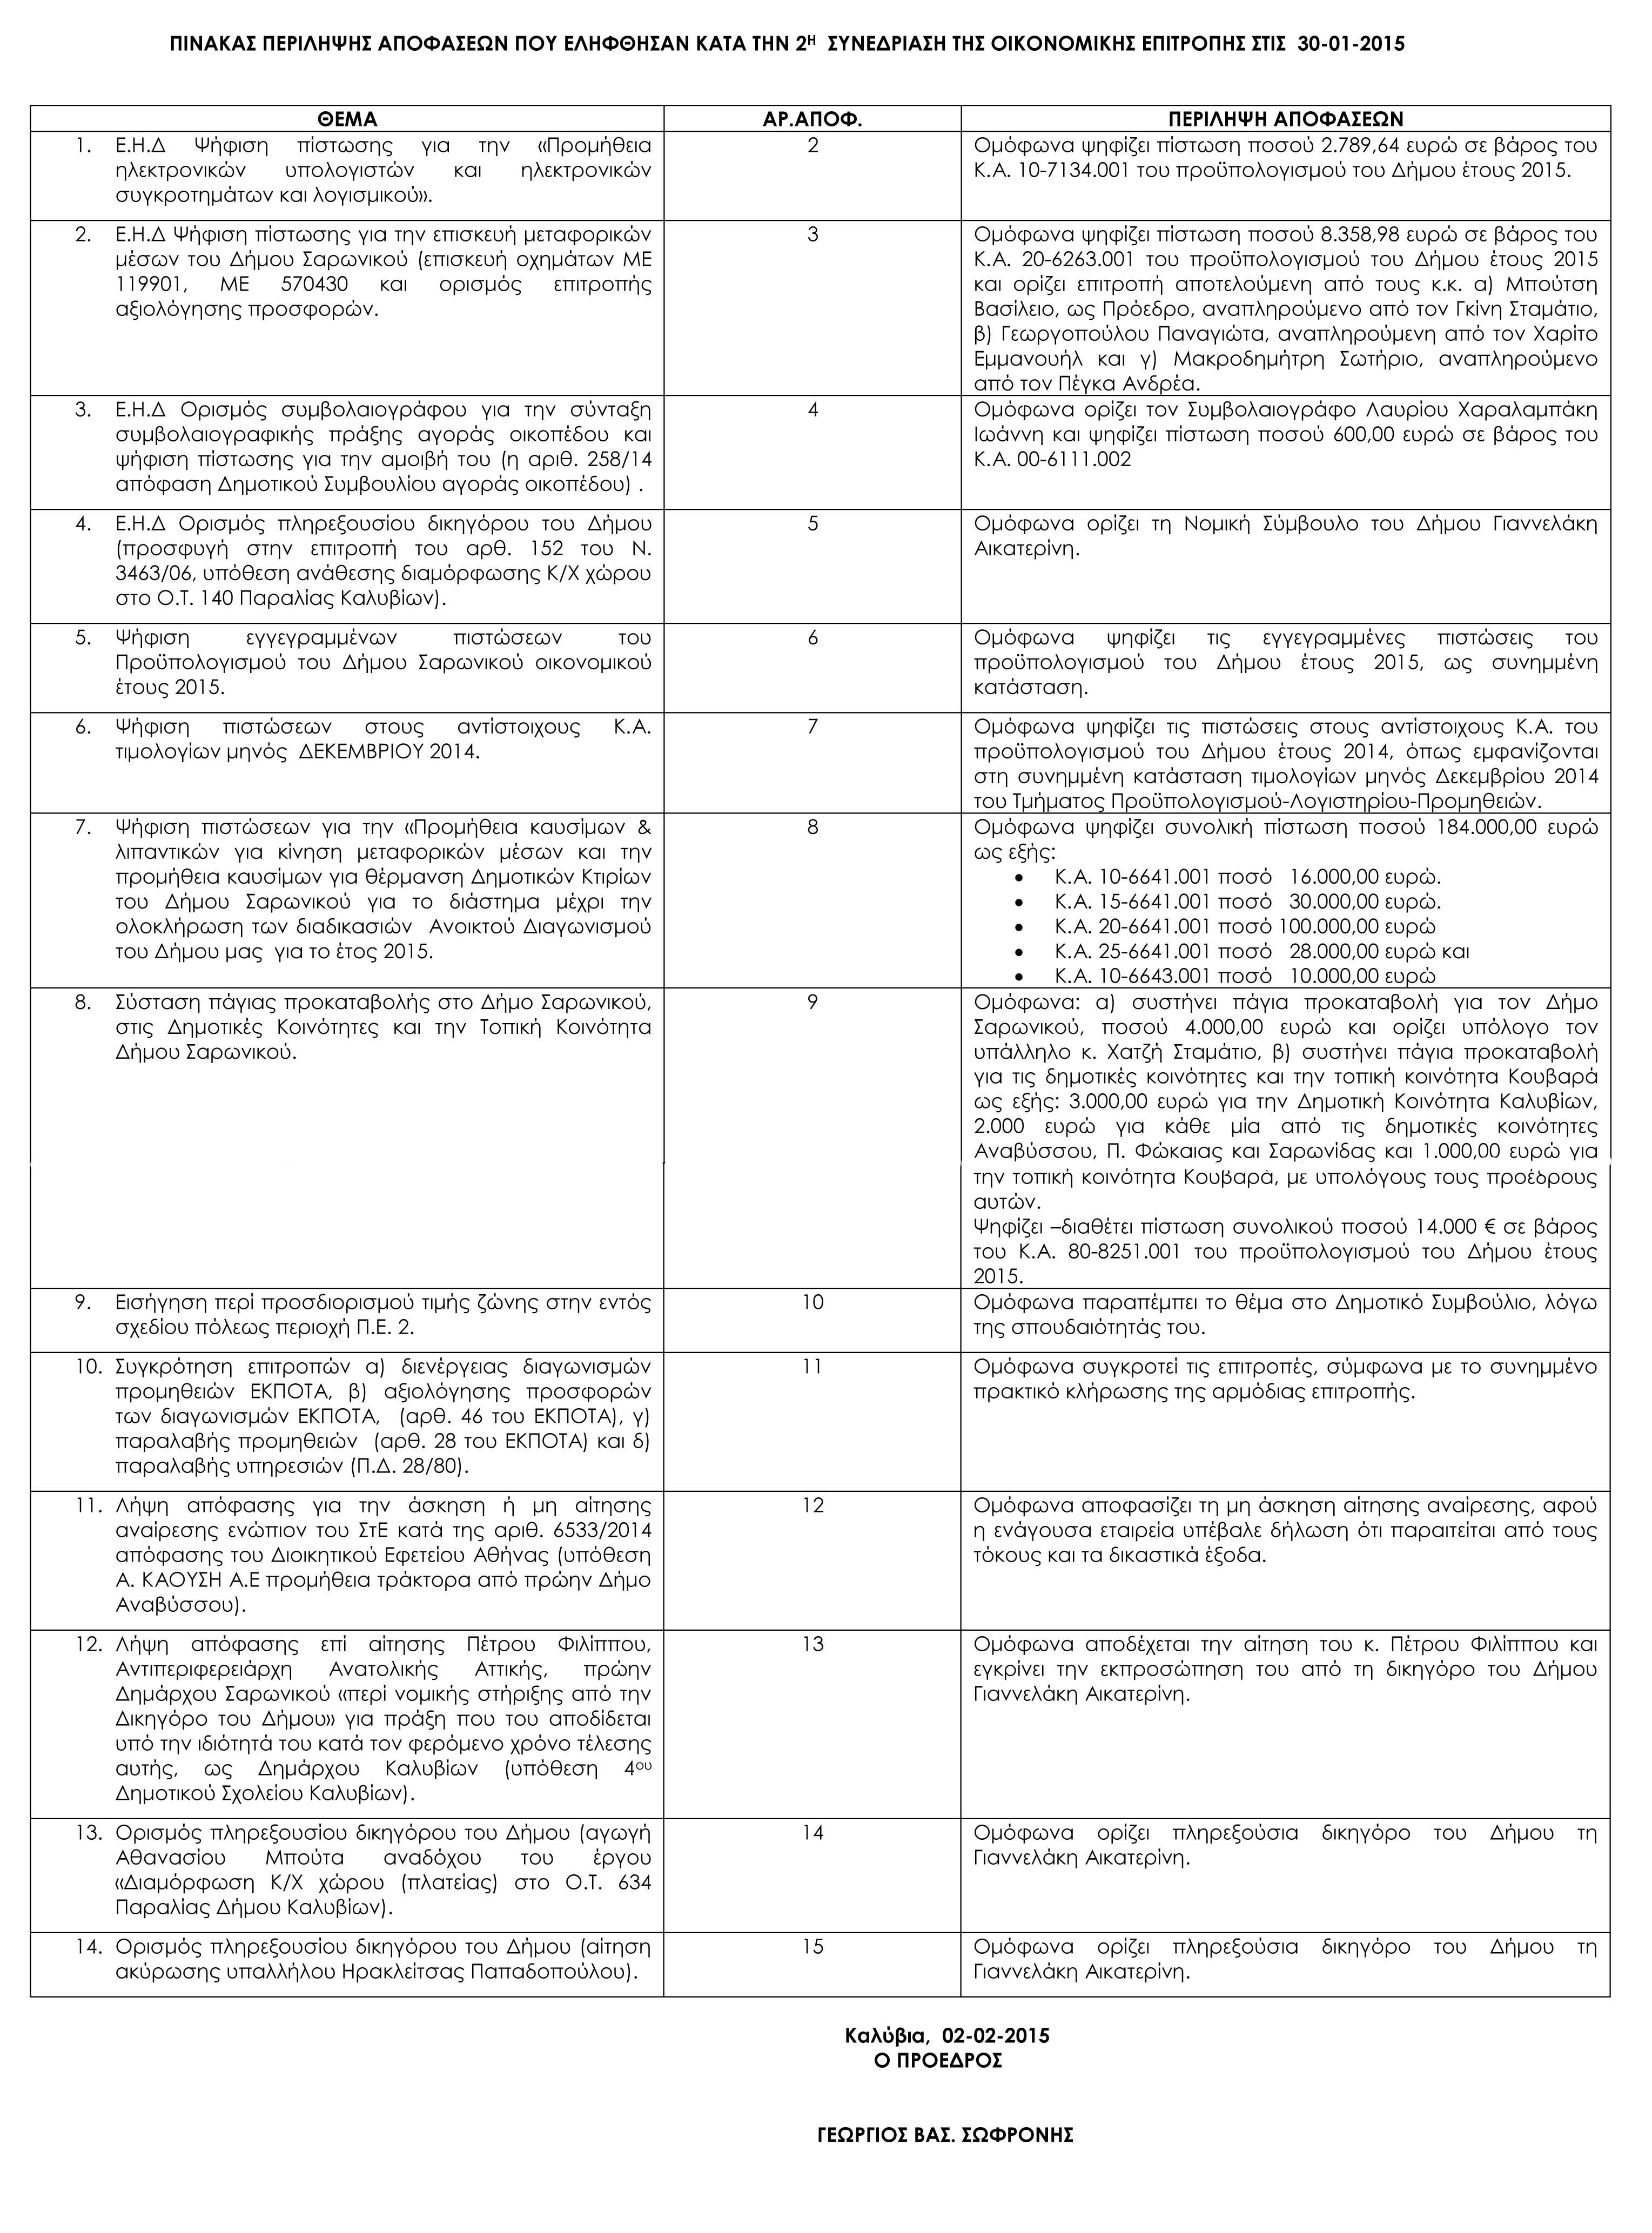 Πίνακας Αποφάσεων Οικονομικής Επιτροπής 30-1-2015-1